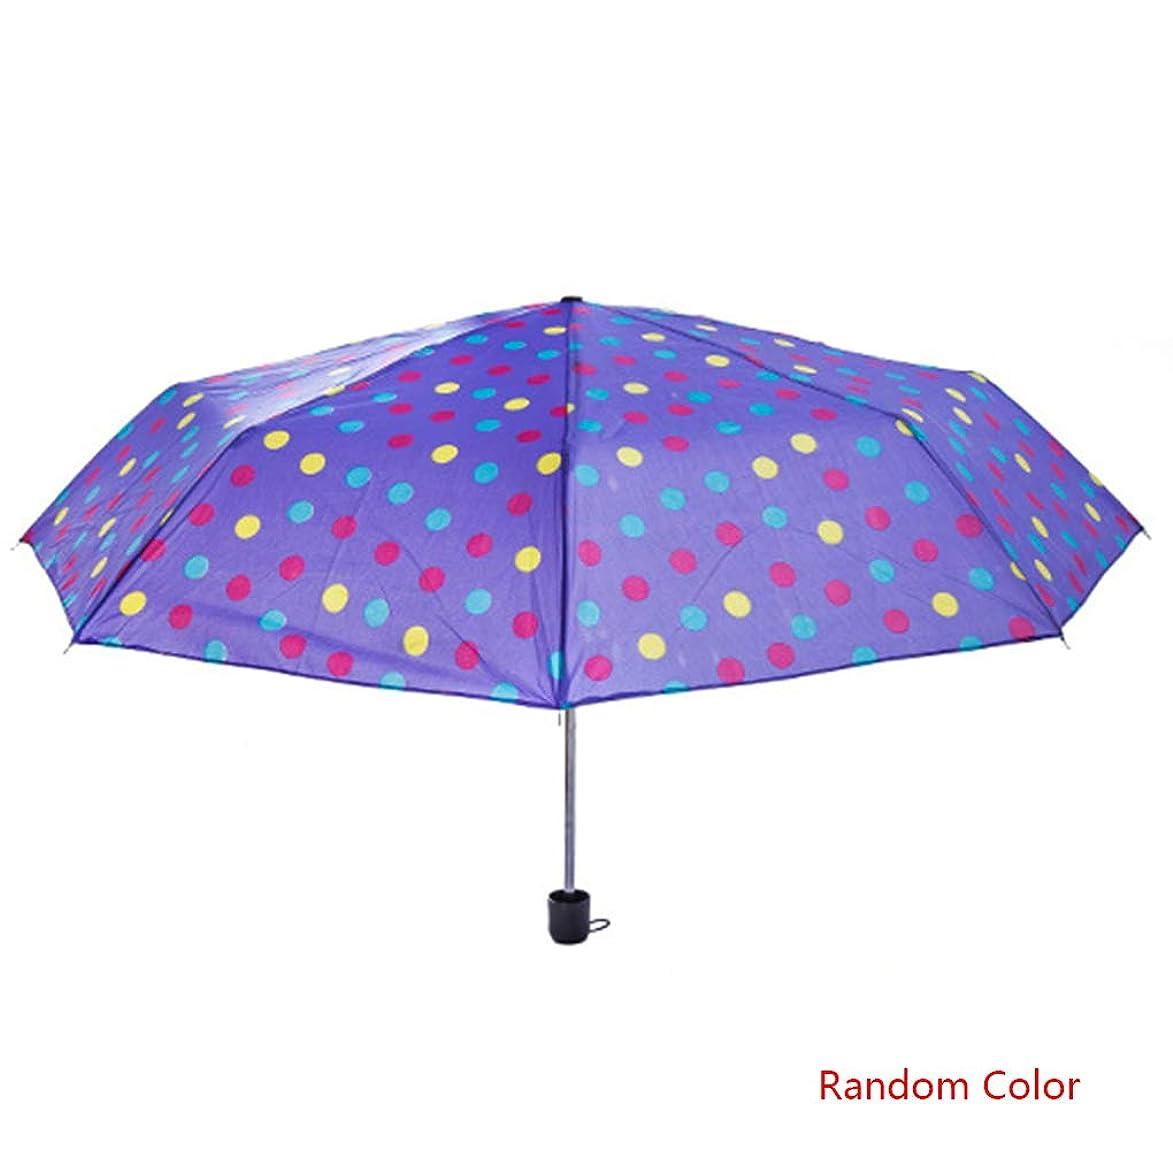 Aulley Men Women Printed Compact Three-Folding Umbrella Portable Windproof Rainproof Umbrella Random Color